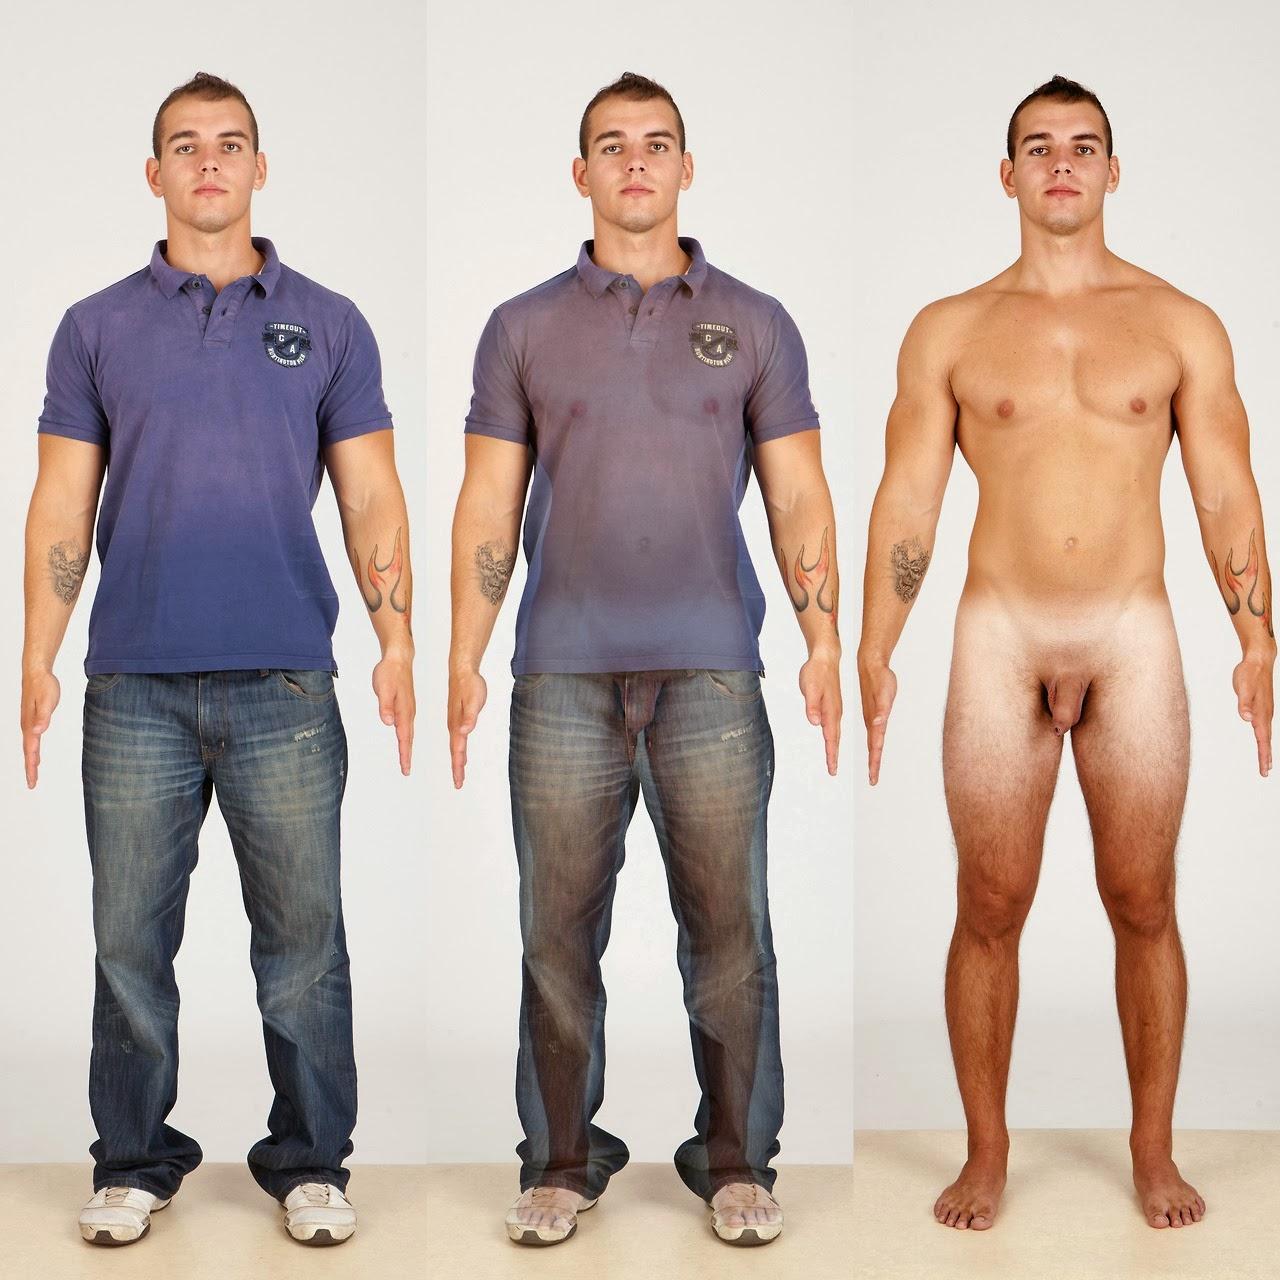 Nude Men Amateur 101